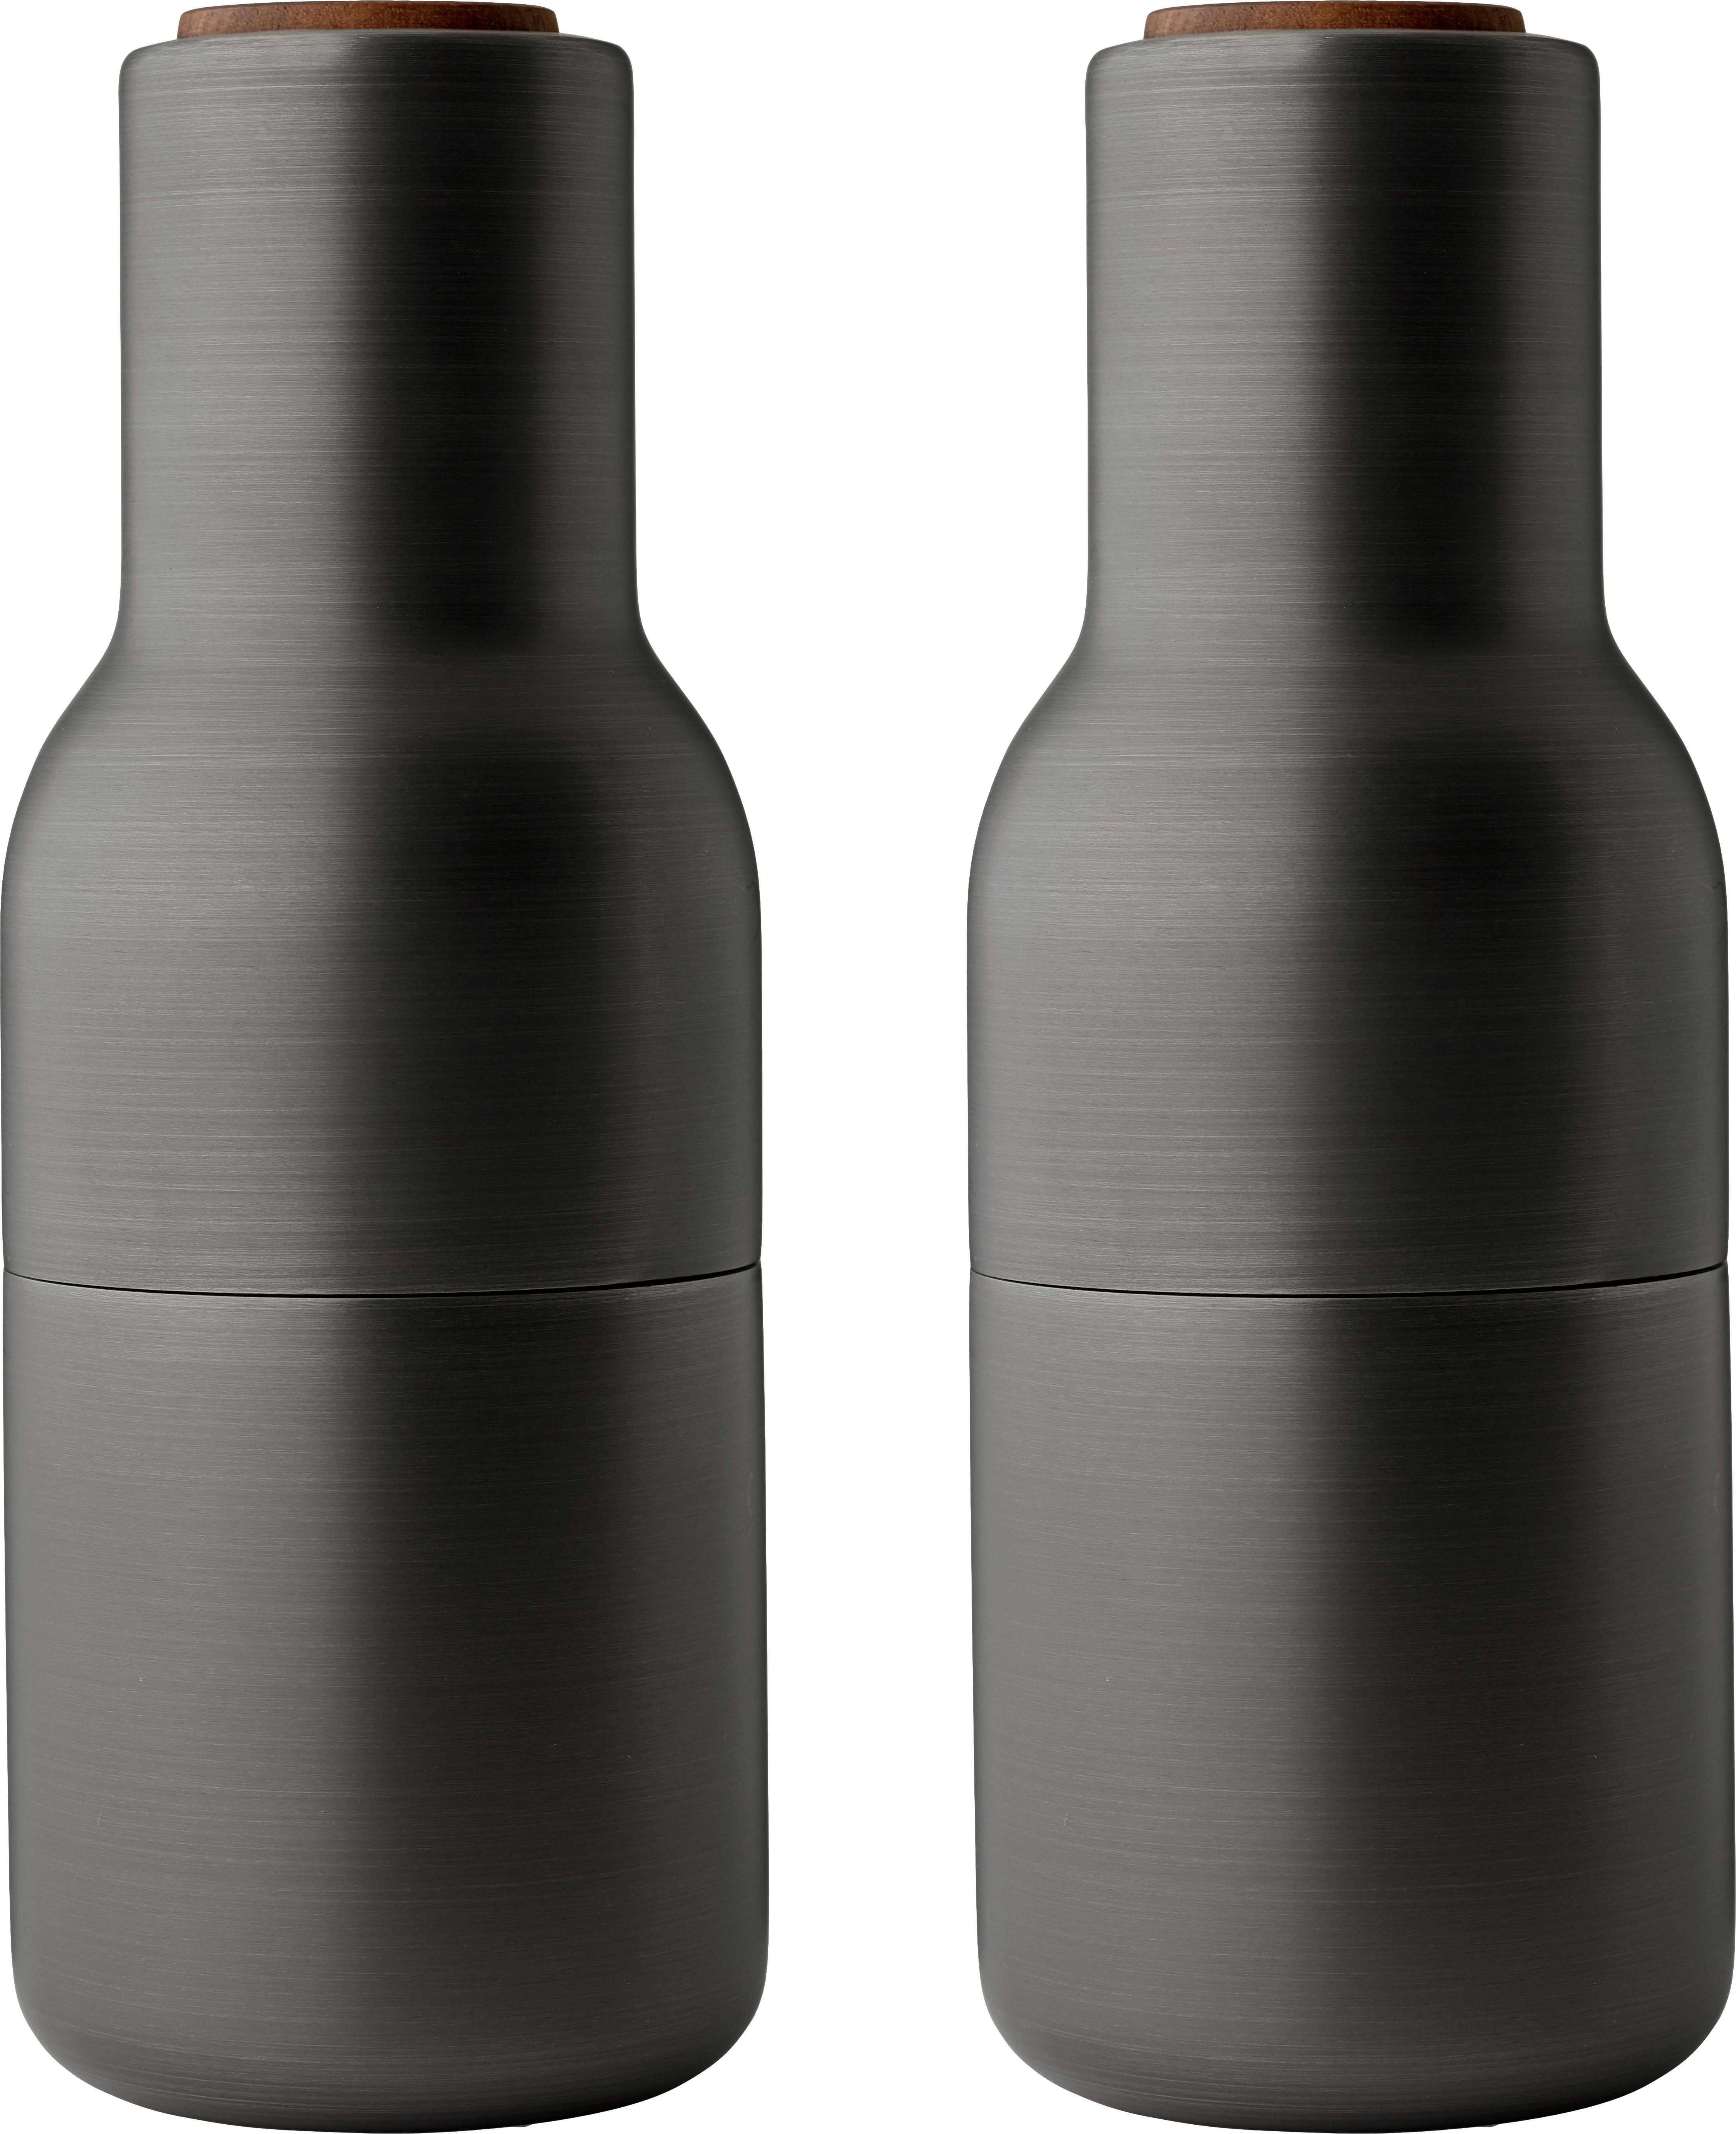 Peper- en zoutmolen Bottle Grinder, 2-delig, Frame: vermessingd en geborsteld, Deksel: walnoothout, Antraciet, Ø 8 x H 21 cm